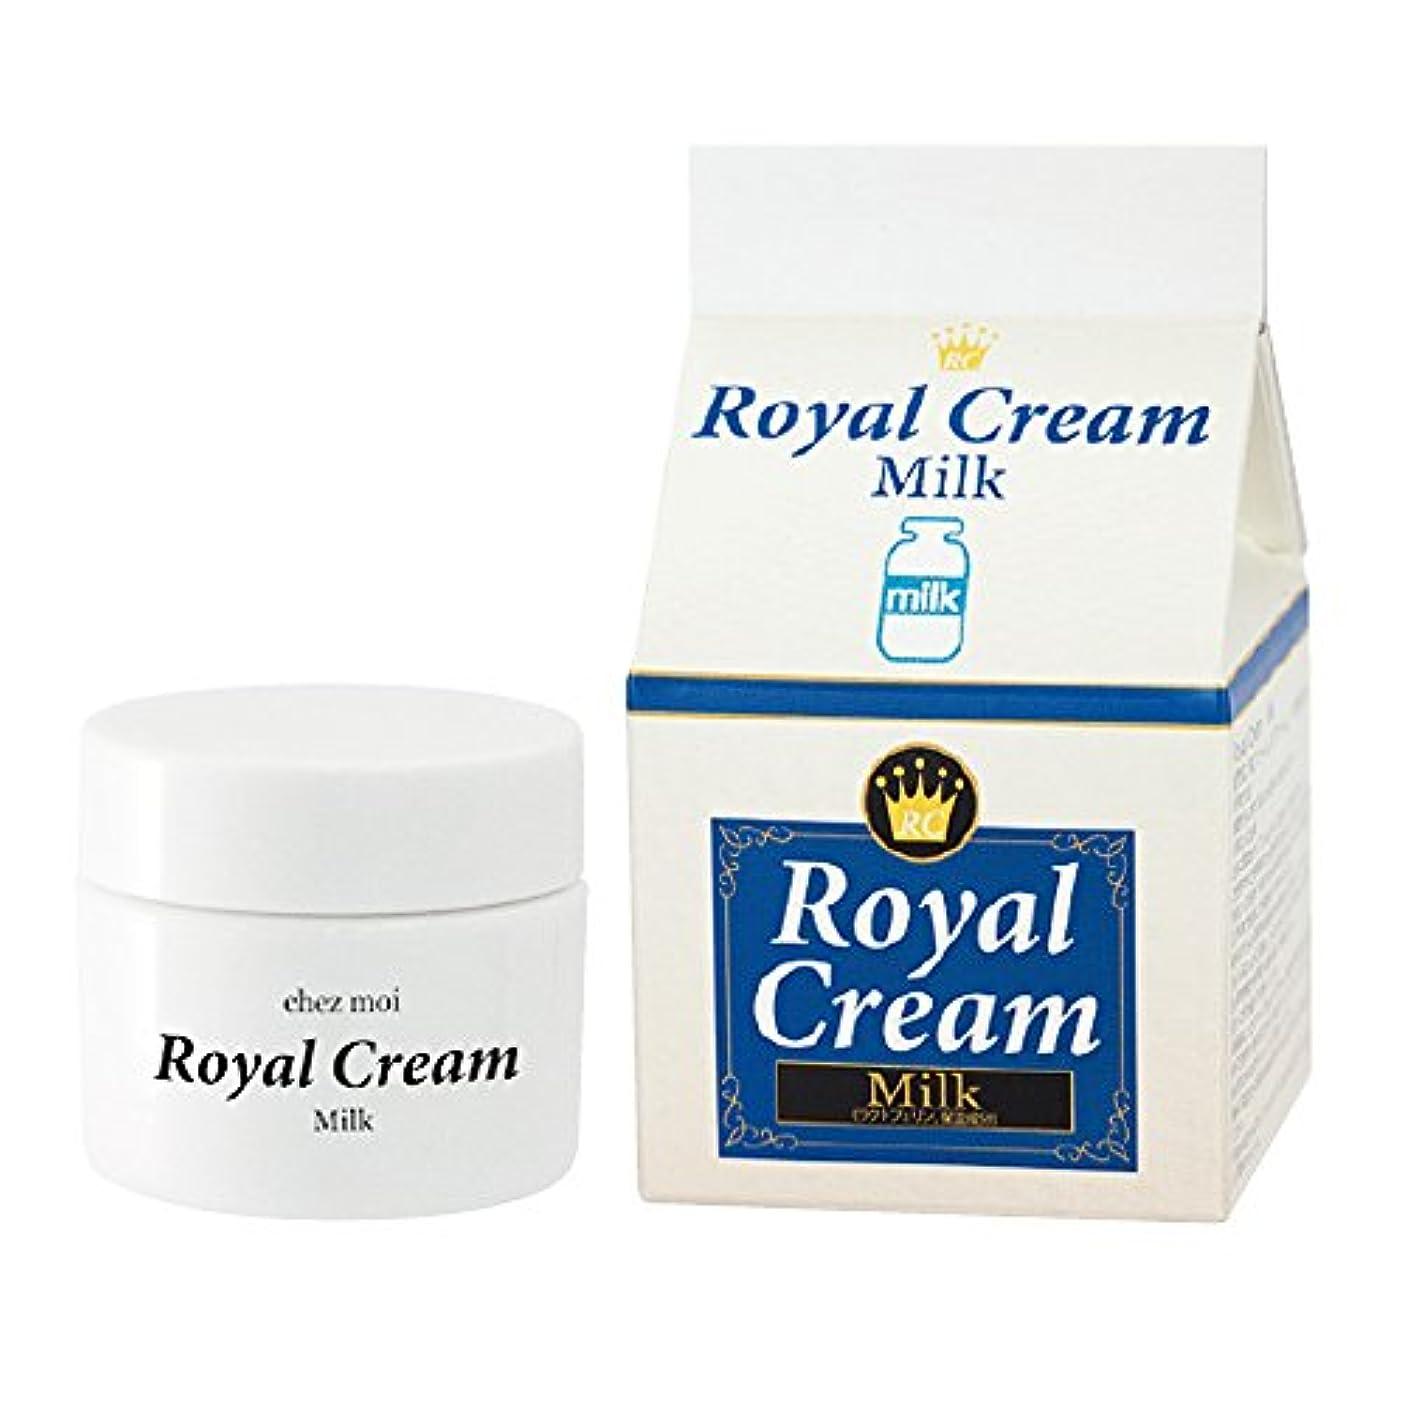 電圧可動弱いRoyal Cream(ロイヤルクリーム) Milk(ミルク) 30g